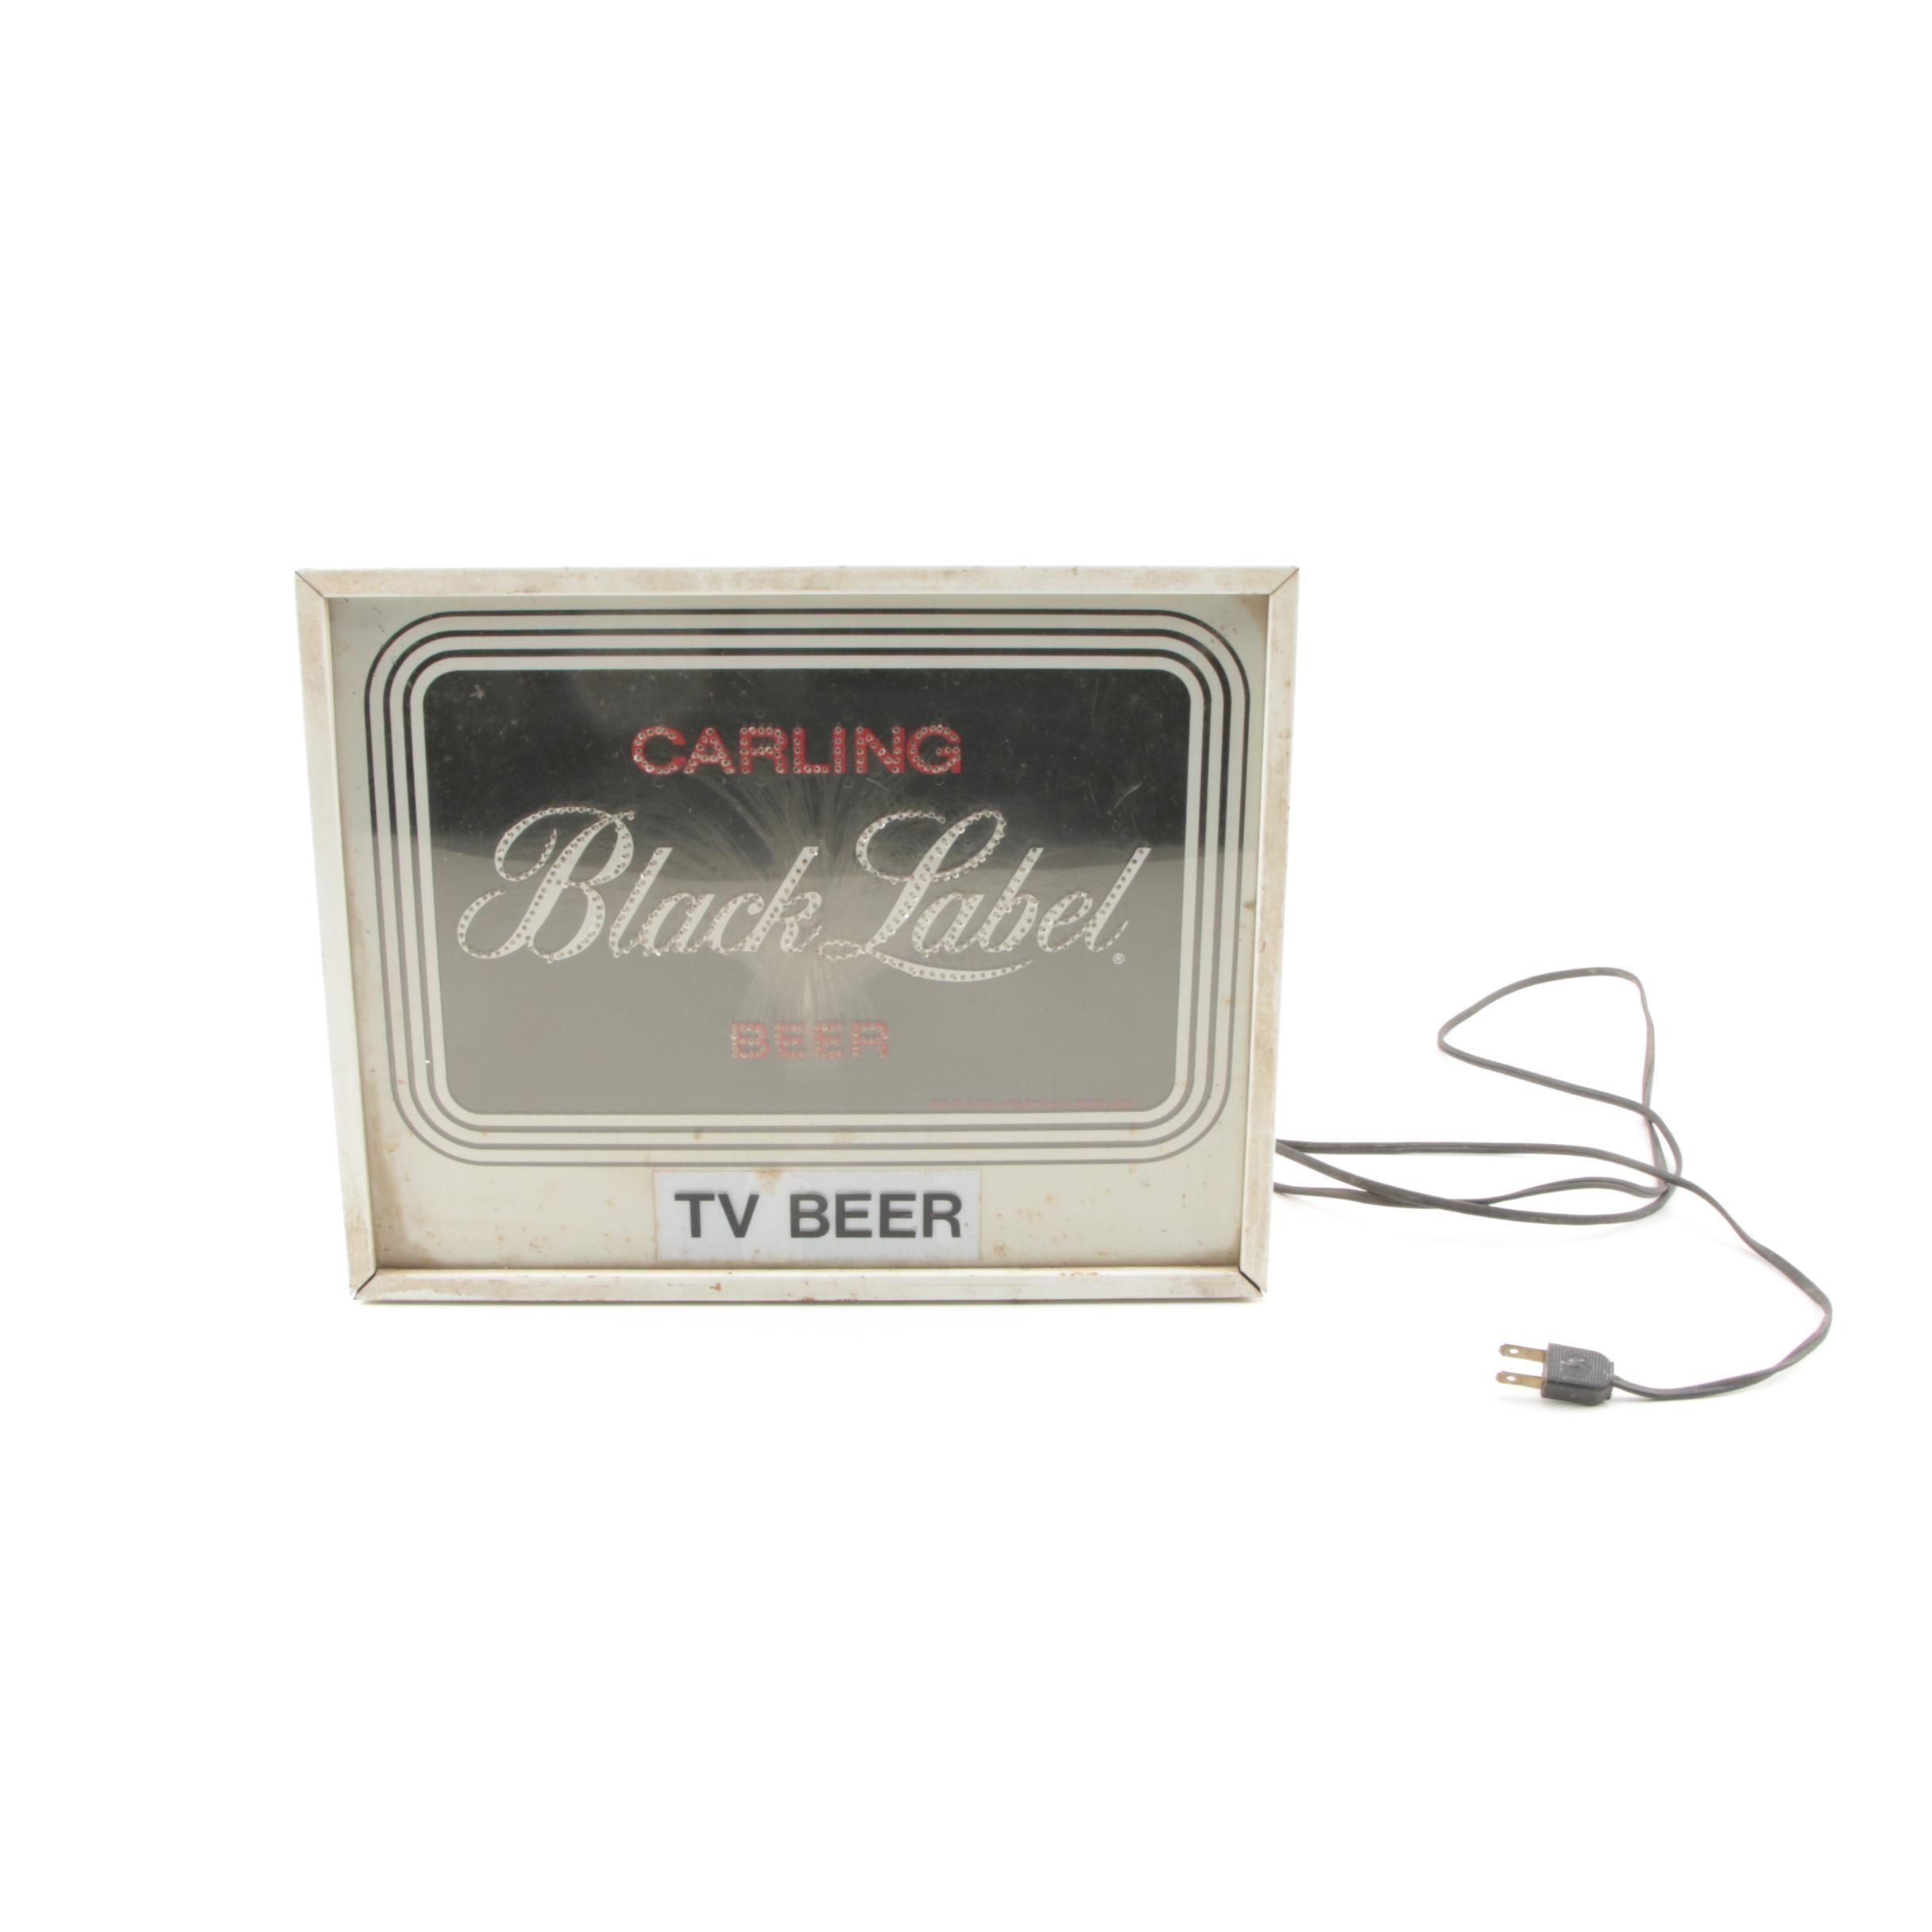 Lighted Carling Black Label Beer Sign